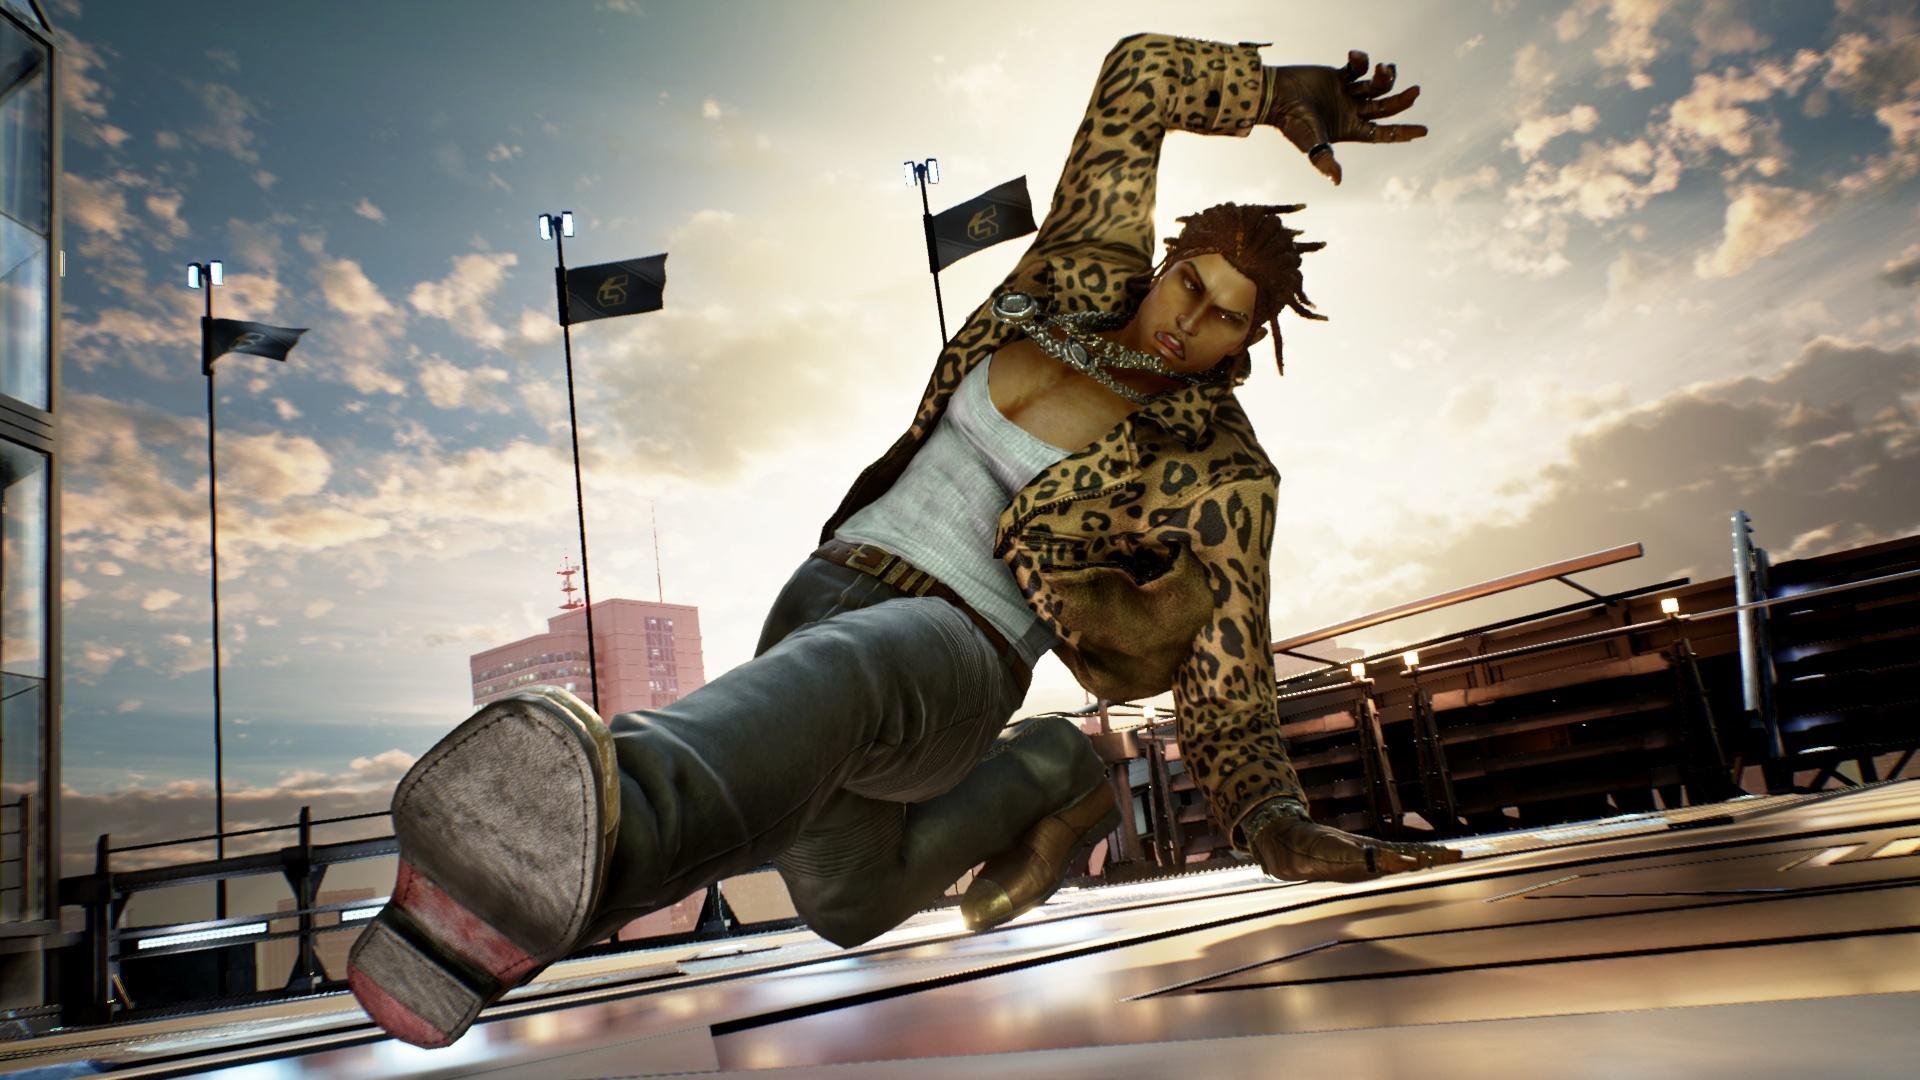 Тираж Tekken7 превысил четыре миллиона копий